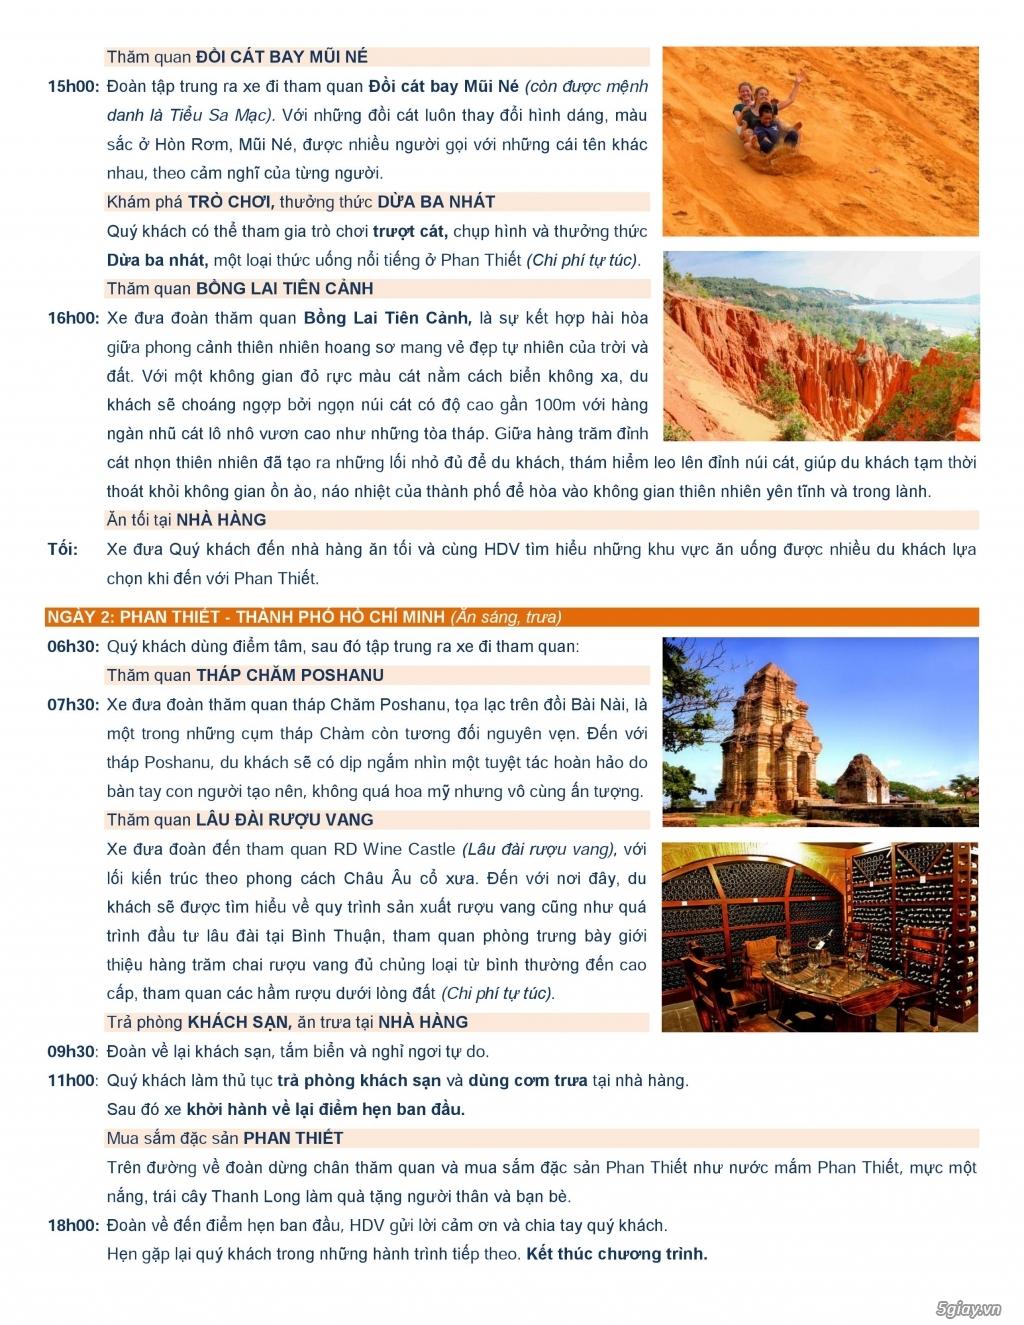 TOUR PHAN THIẾT 4 SAO MƯỜNG THANH PHAN MŨI NÉ - 14